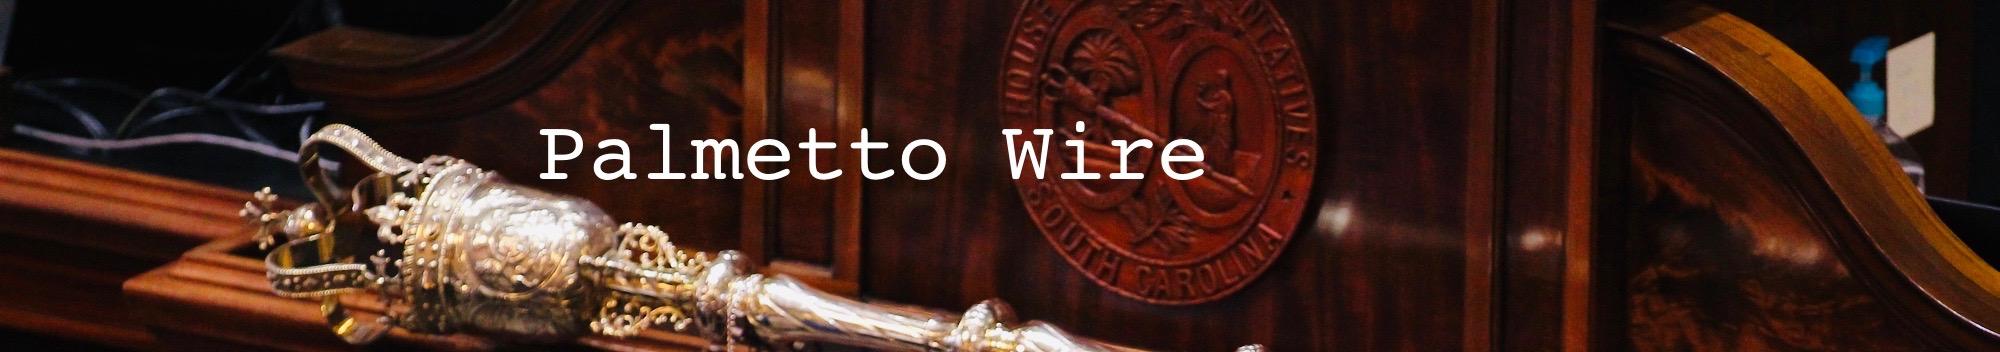 Palmetto Wire